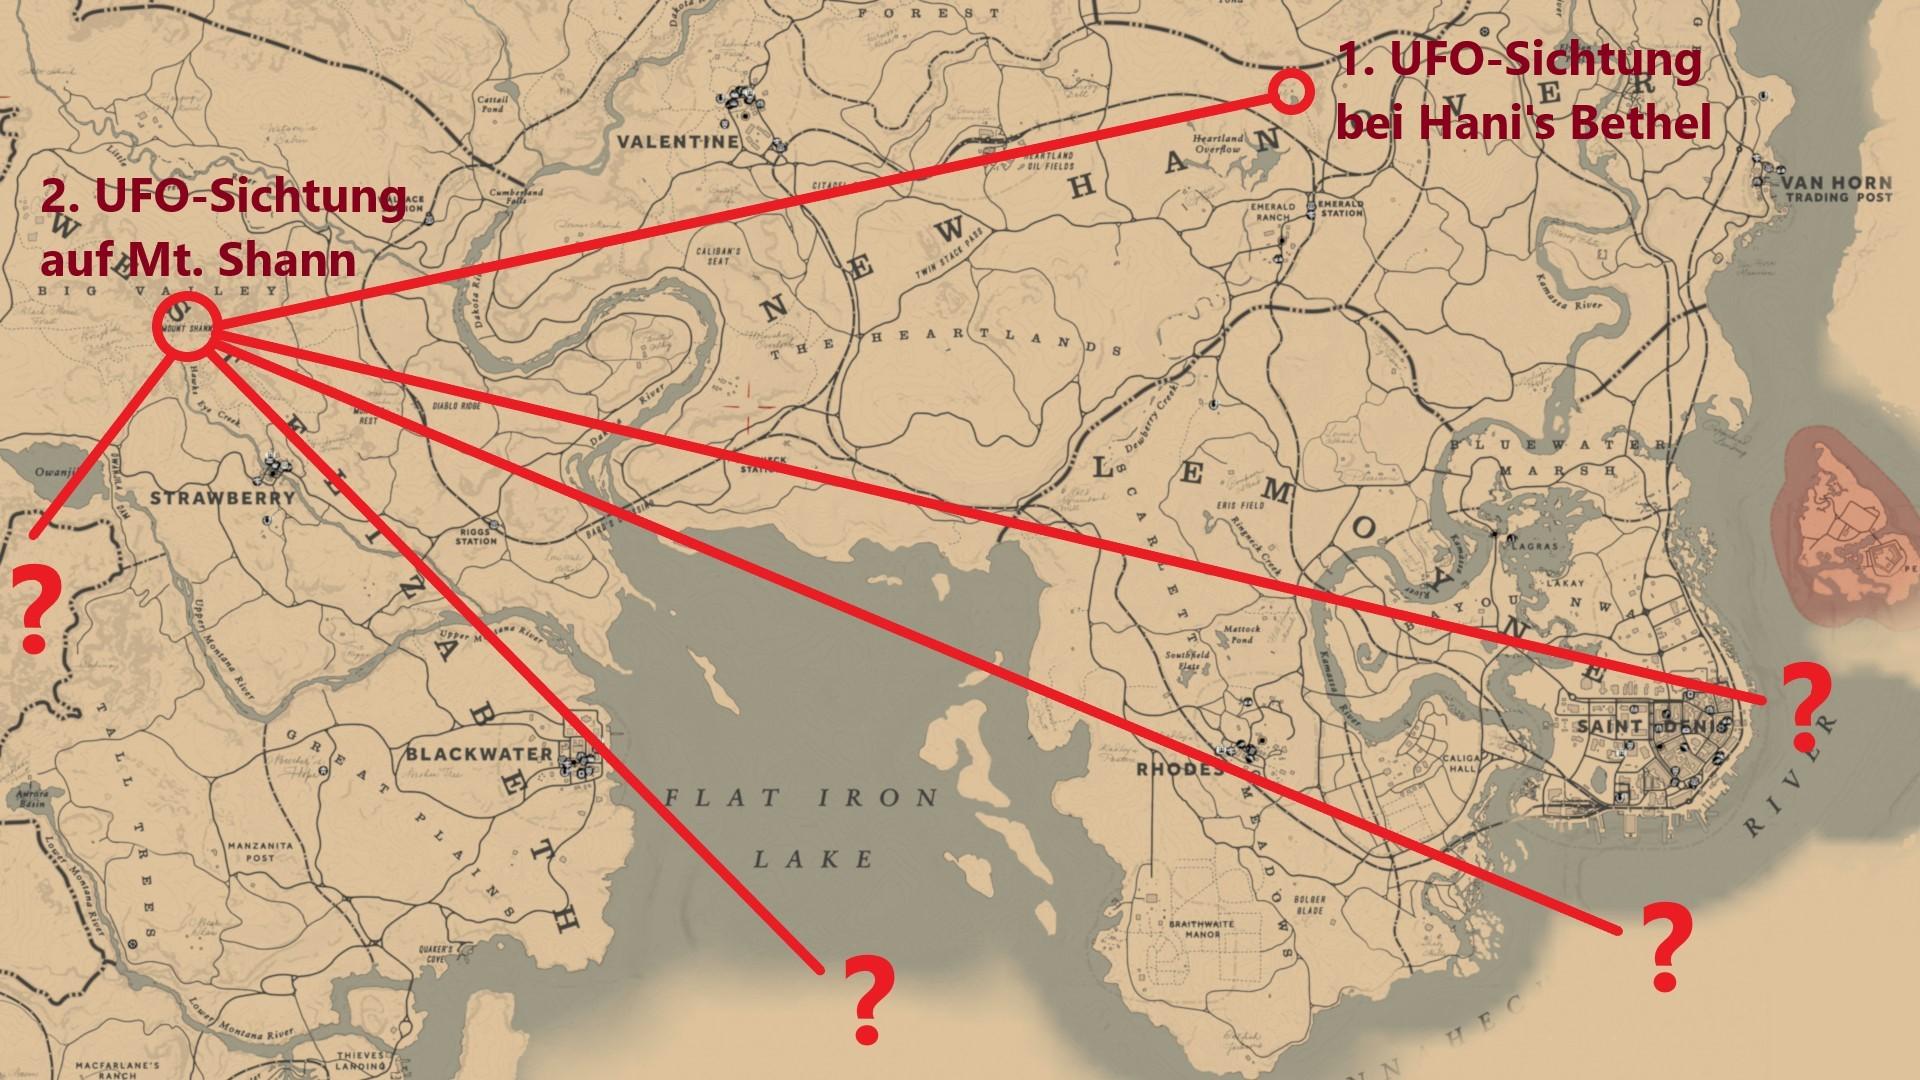 Rdr2 Karte.Red Dead Redemption 2 Panoramakarte Alle Ufo Sichtungen Bis Jetzt